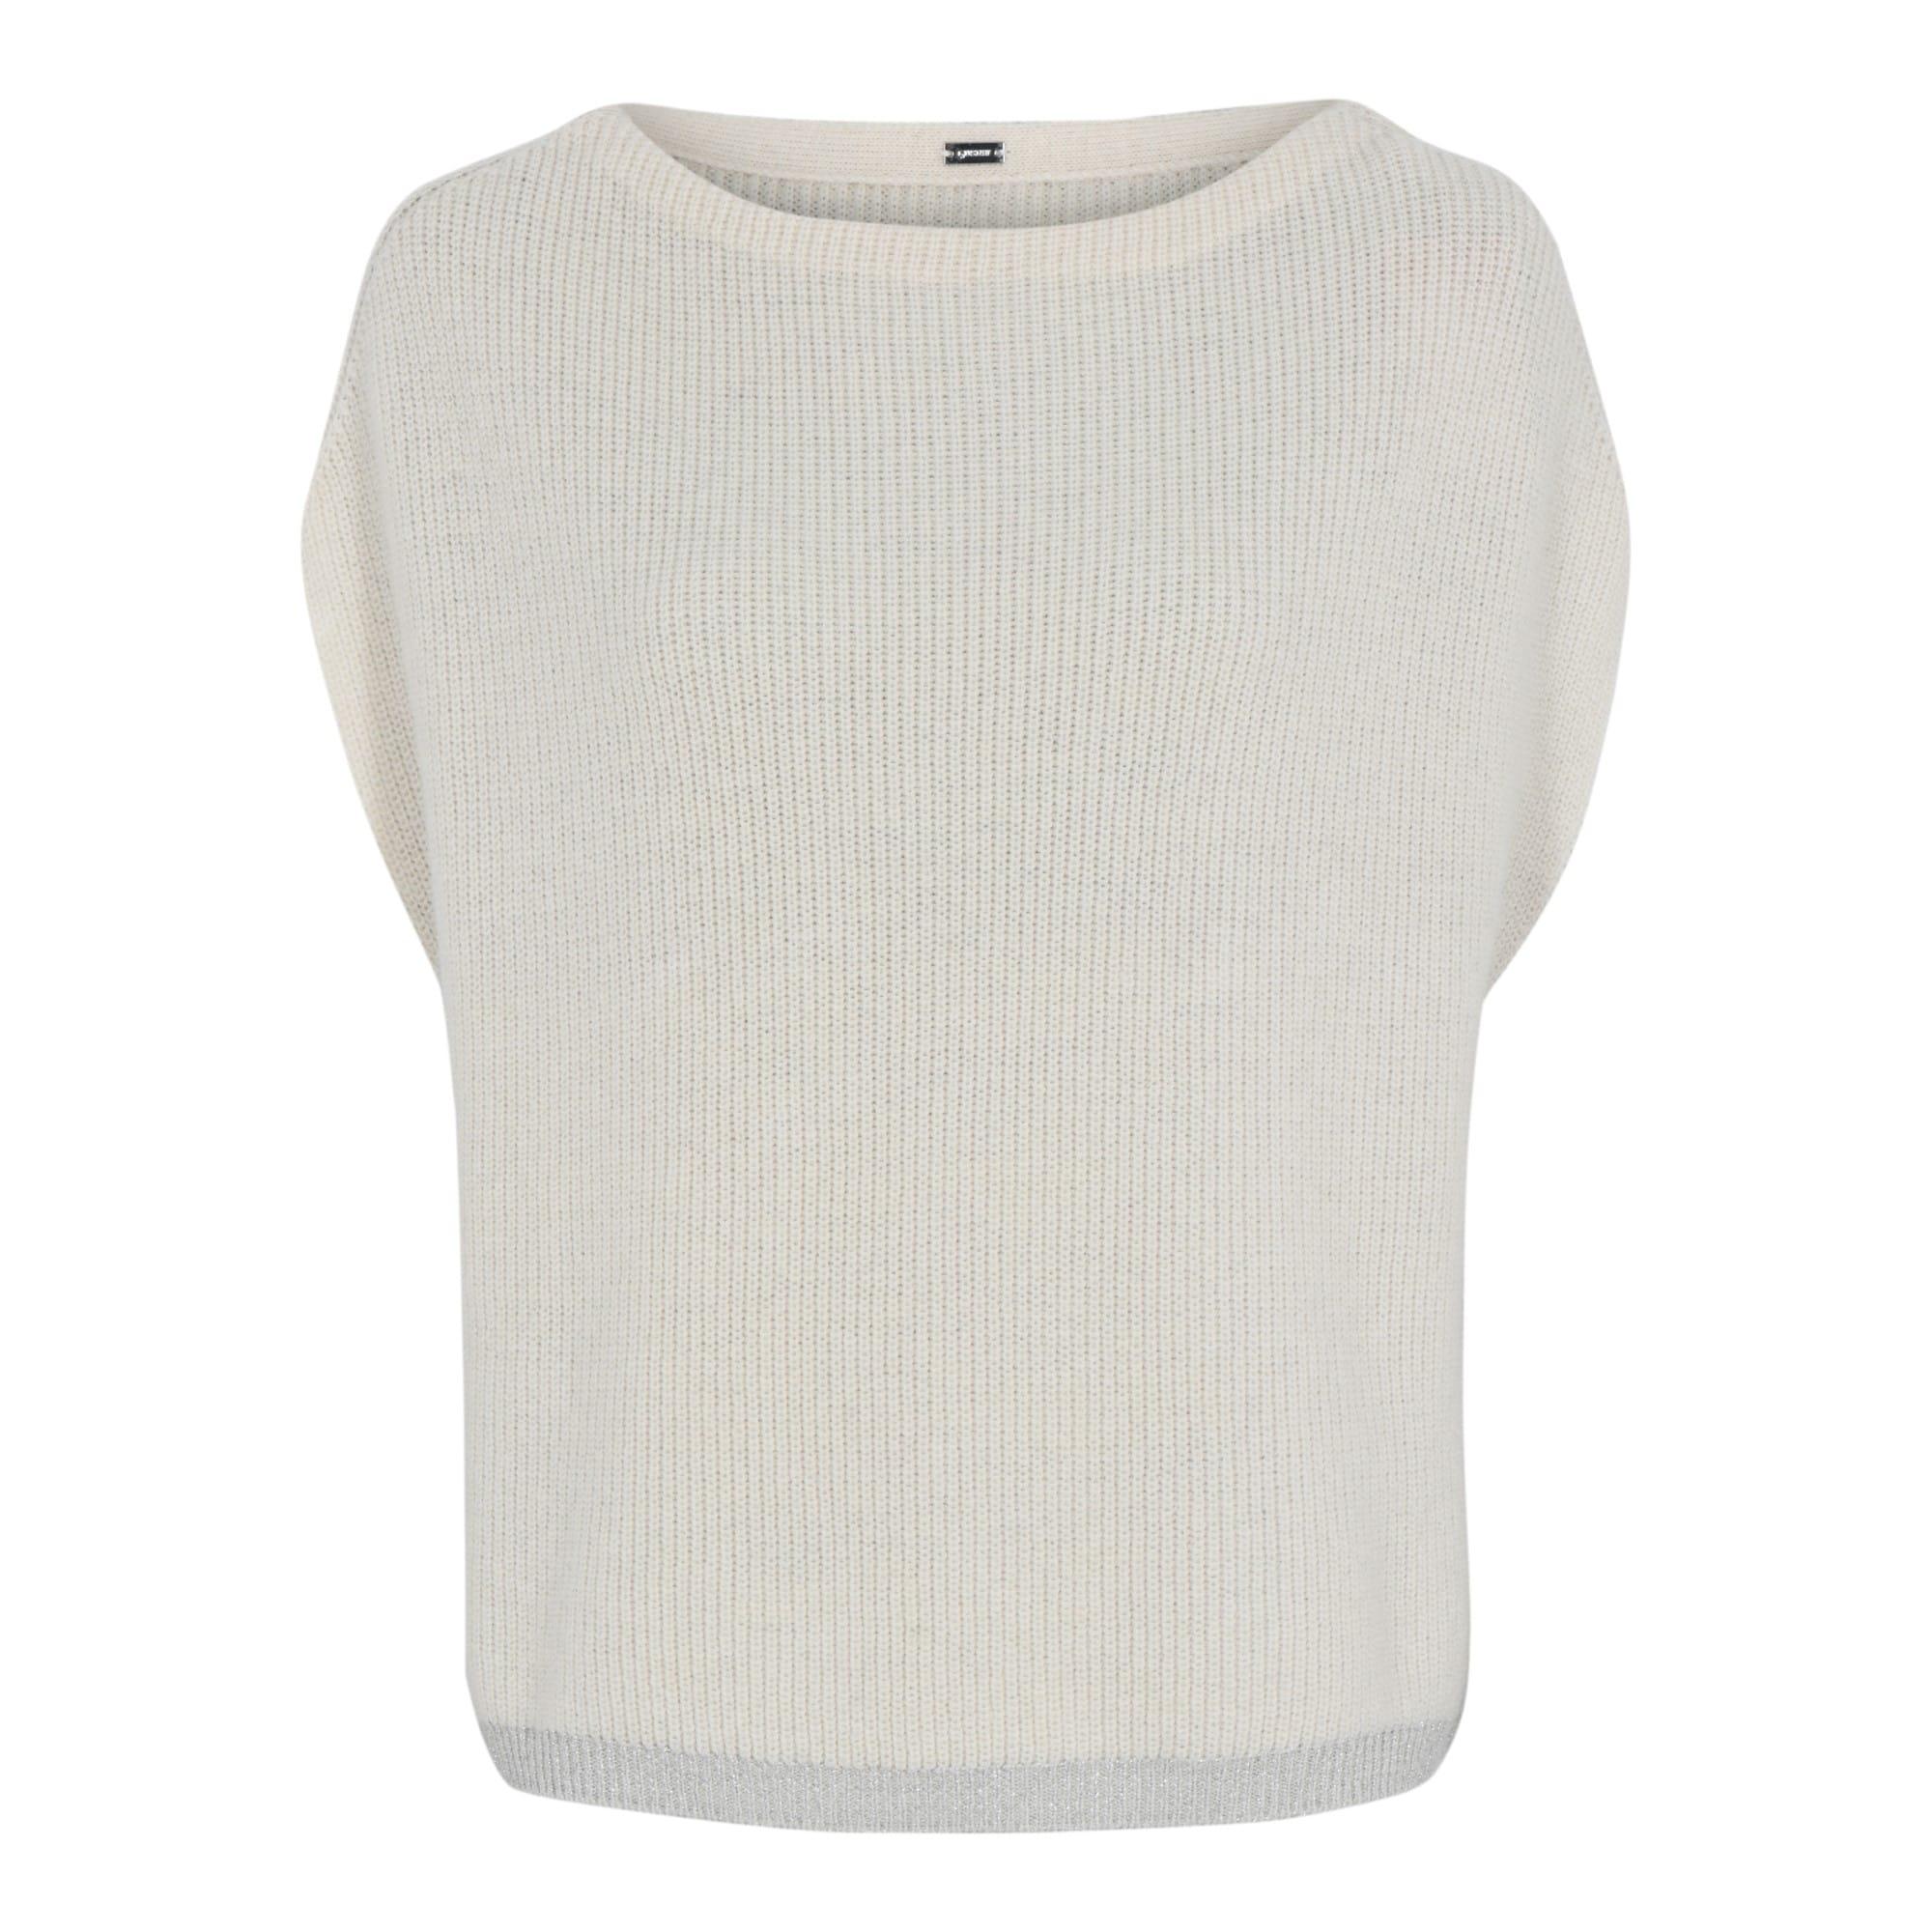 Witte dames sweater Gustav - 3693-0-589